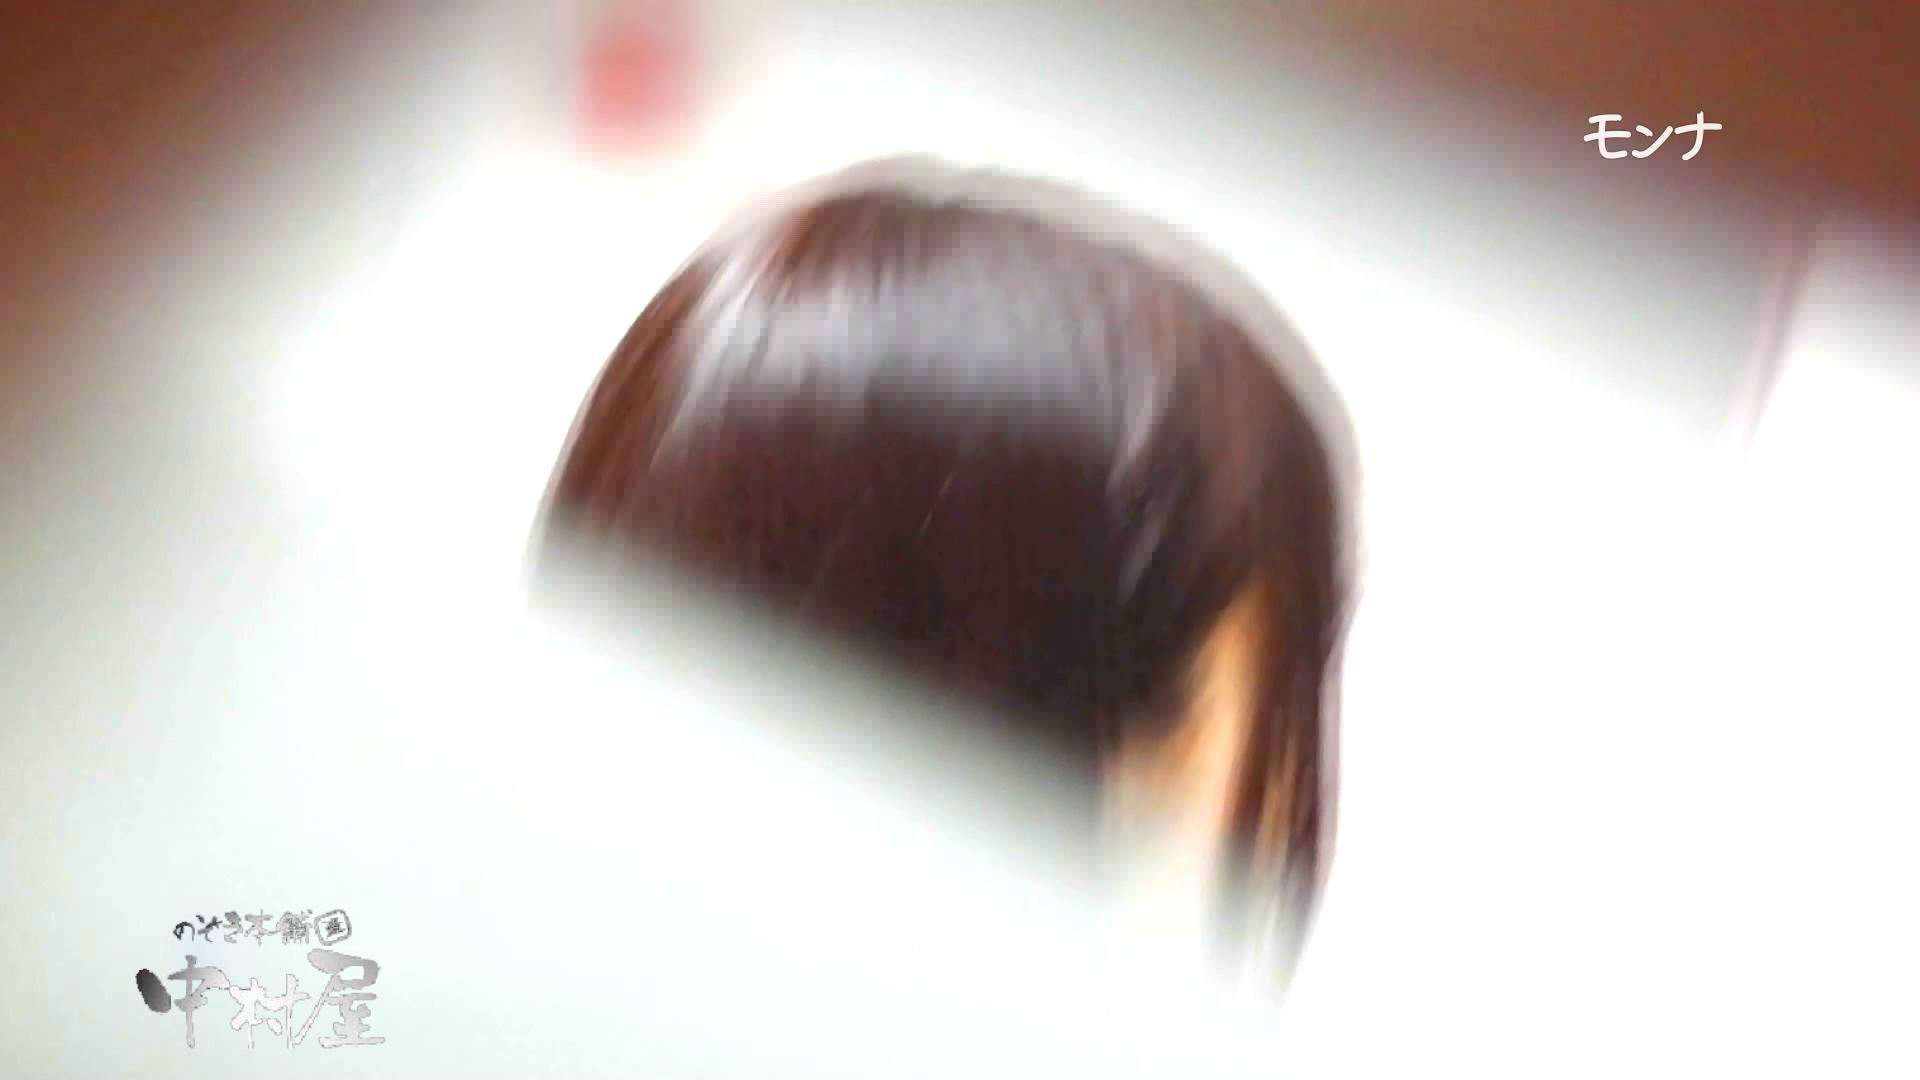 【美しい日本の未来】遂に!!戸田恵梨香似の予告モデル登場ダッシュで「大」後編 Hなモデル  105pic 62